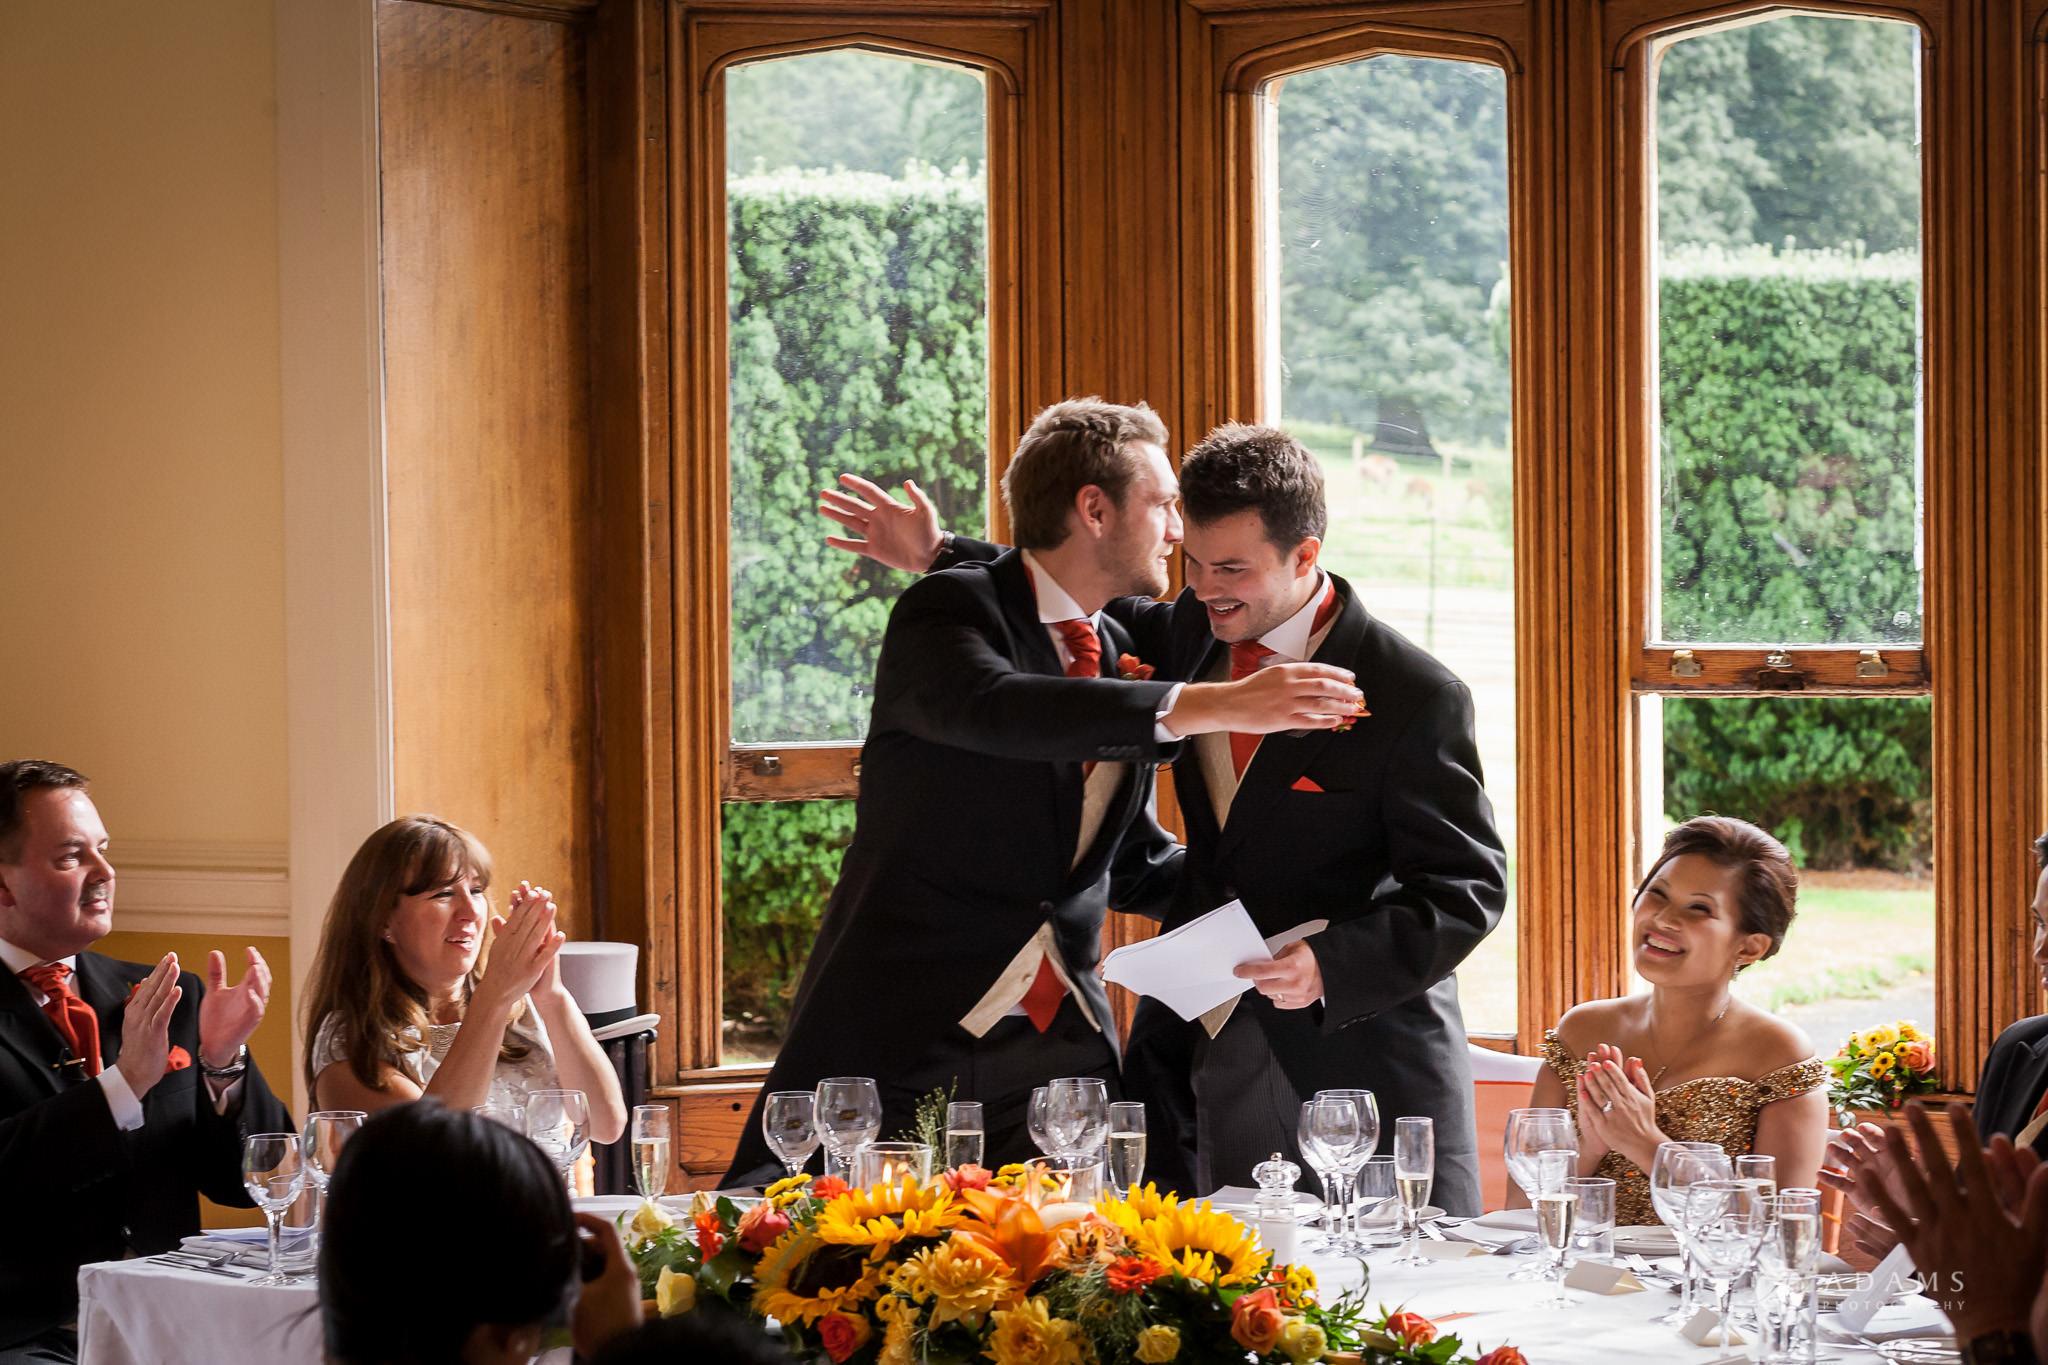 St Audries Park wedding groom hugs his best man